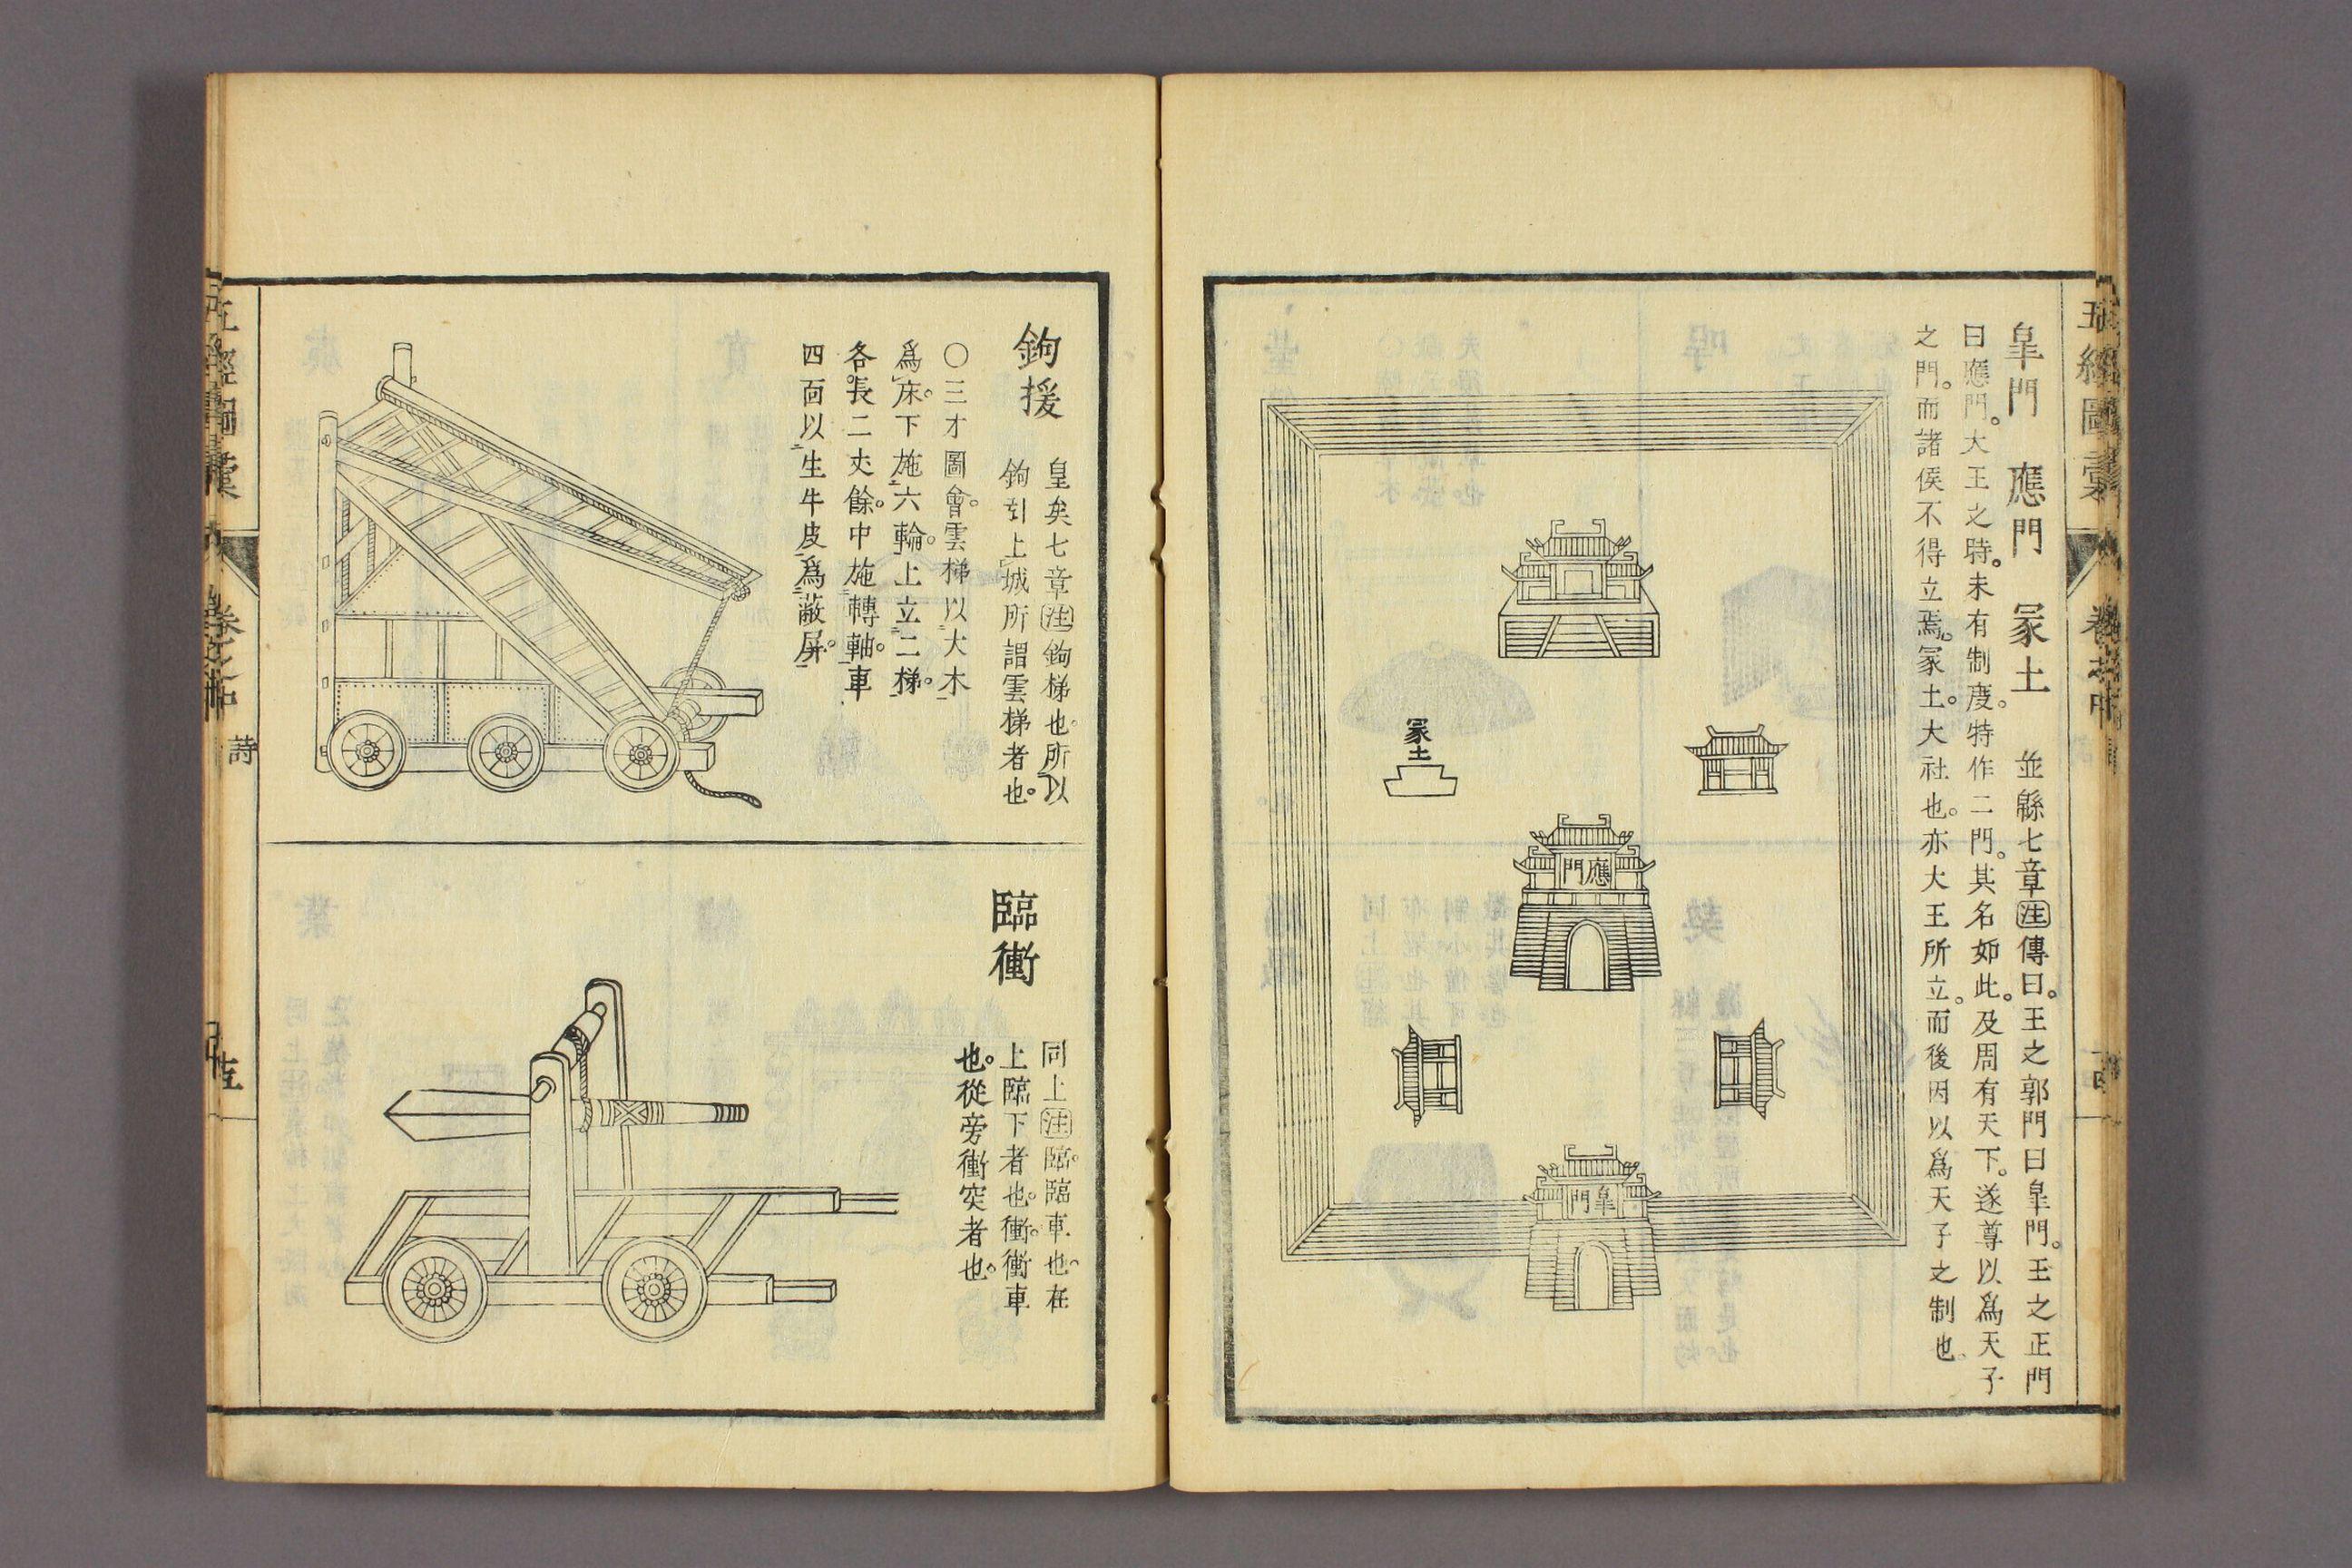 http://archive.wul.waseda.ac.jp/kosho/ro12/ro12_00002/ro12_00002_0002/ro12_00002_0002_p0016.jpg